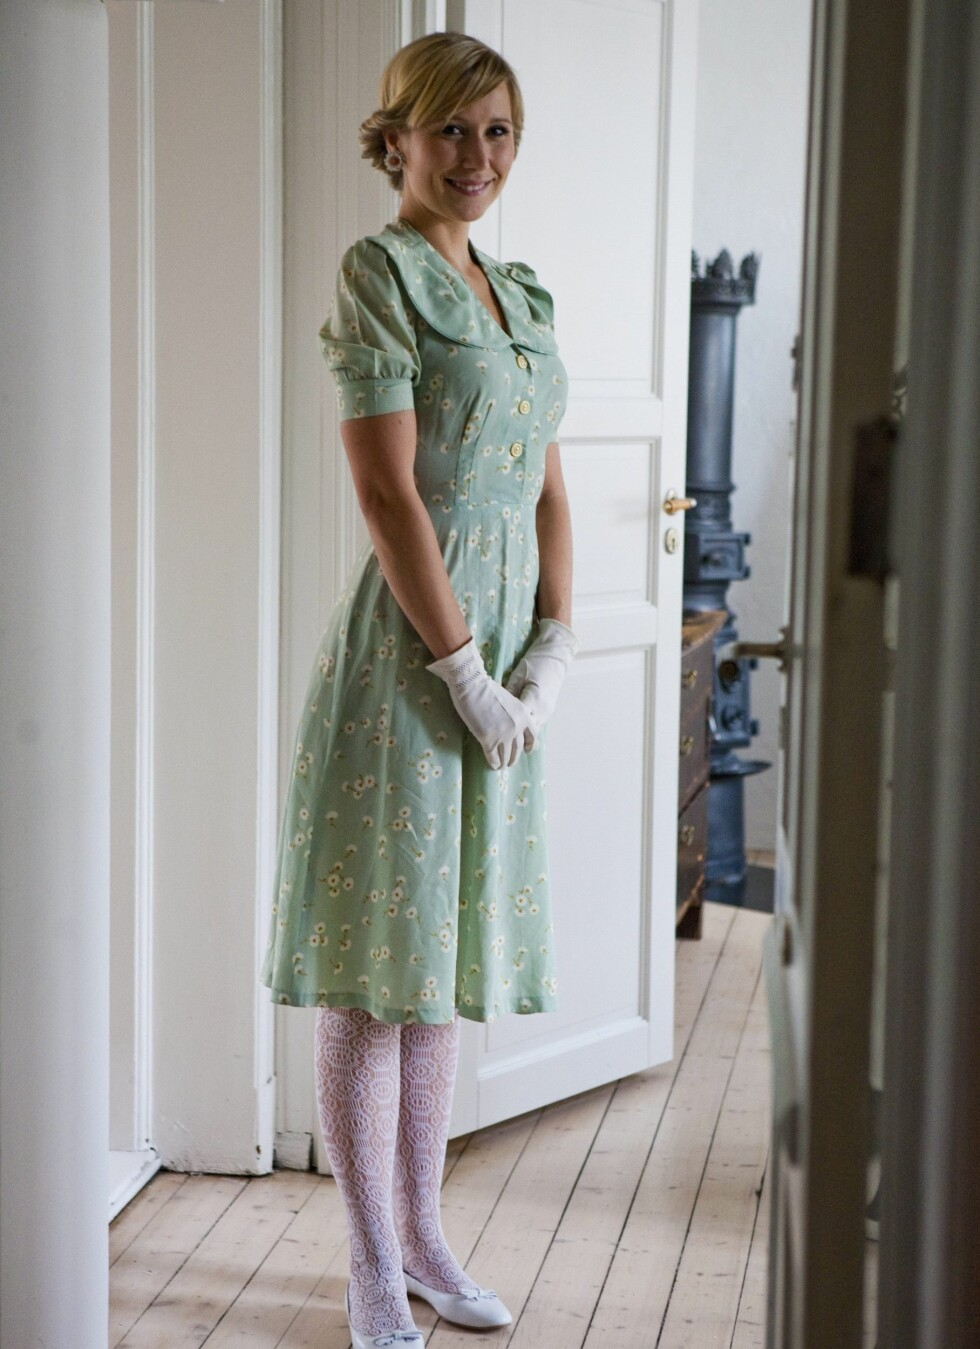 Denne kjolen kommer fra den Fretex-lignende bruktkjeden Humana i Malmø, og kostet 130 svenske kroner. Foto: Per Ervland